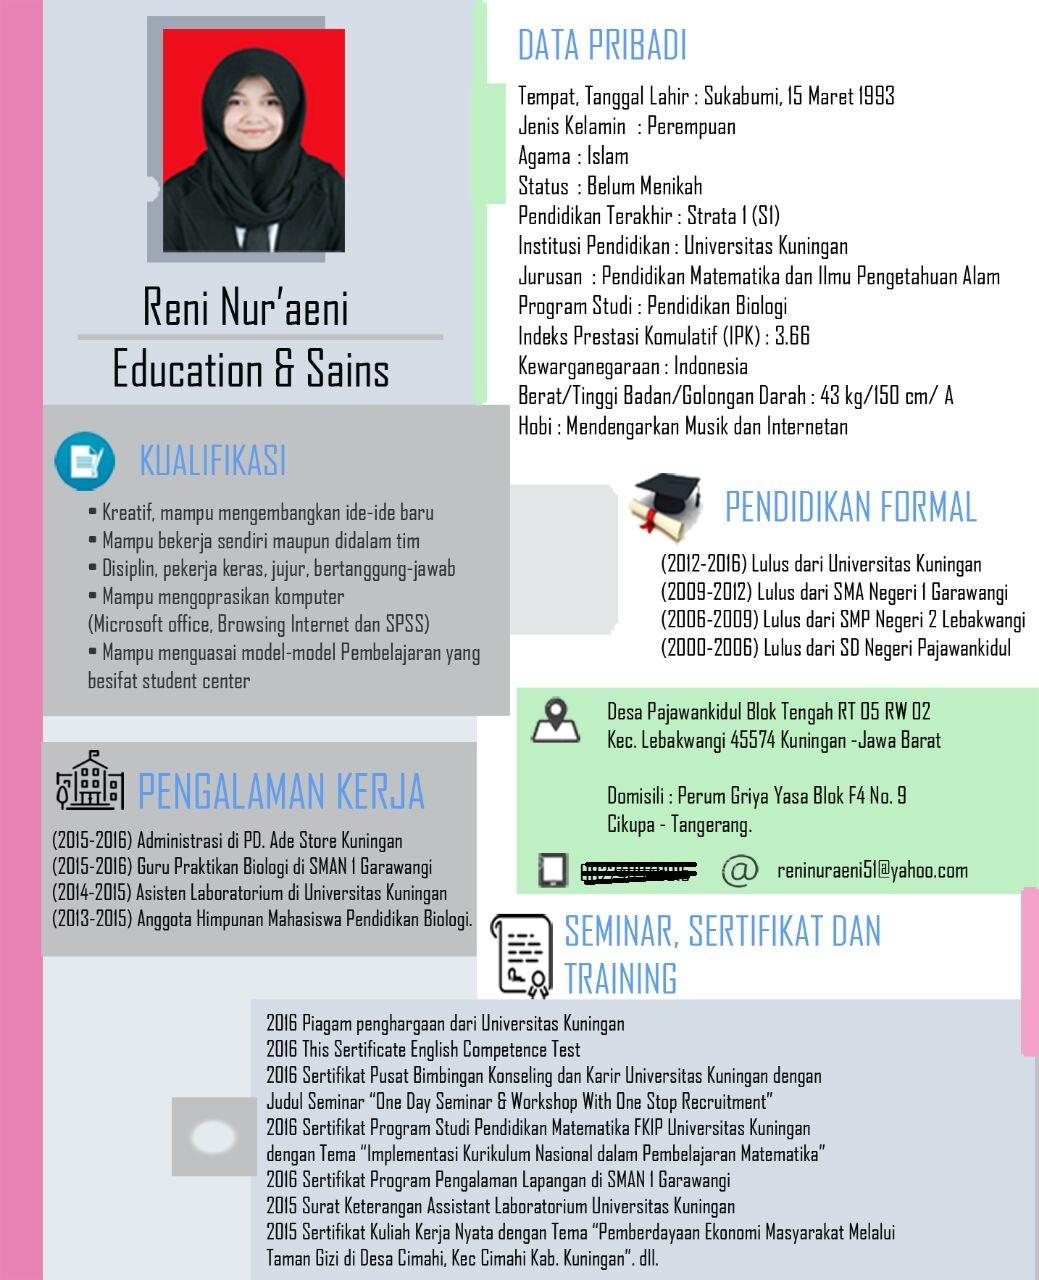 Contoh CV Menarik Versi Modern ~ Loker Kuningan | Lowongan Kerja ...